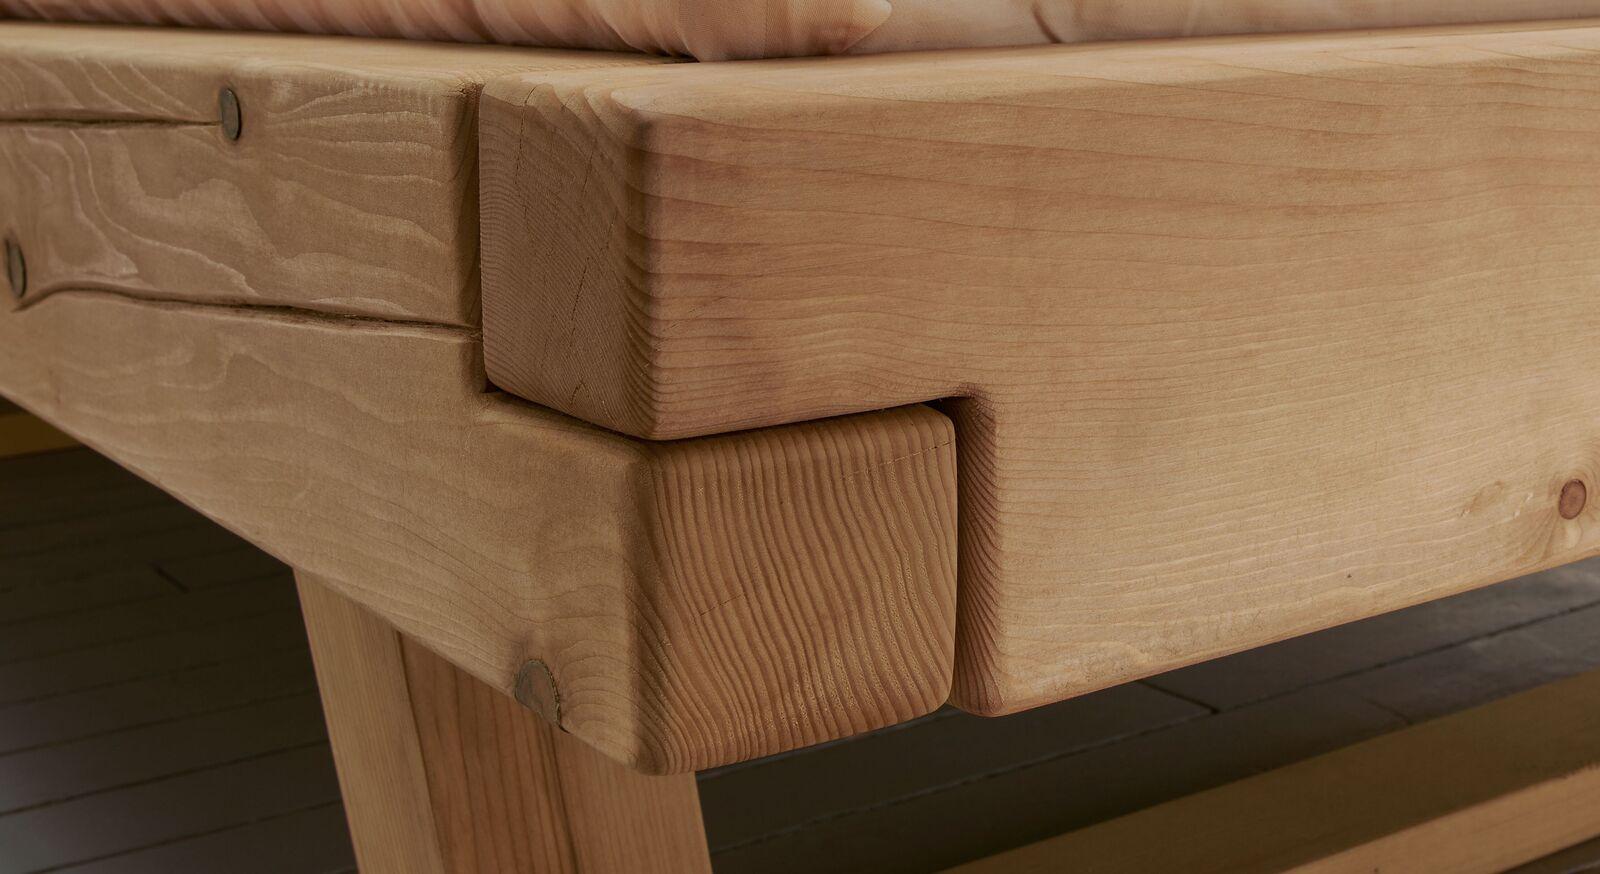 Balkenbett aus Fichte mit robuster Eckverbindung